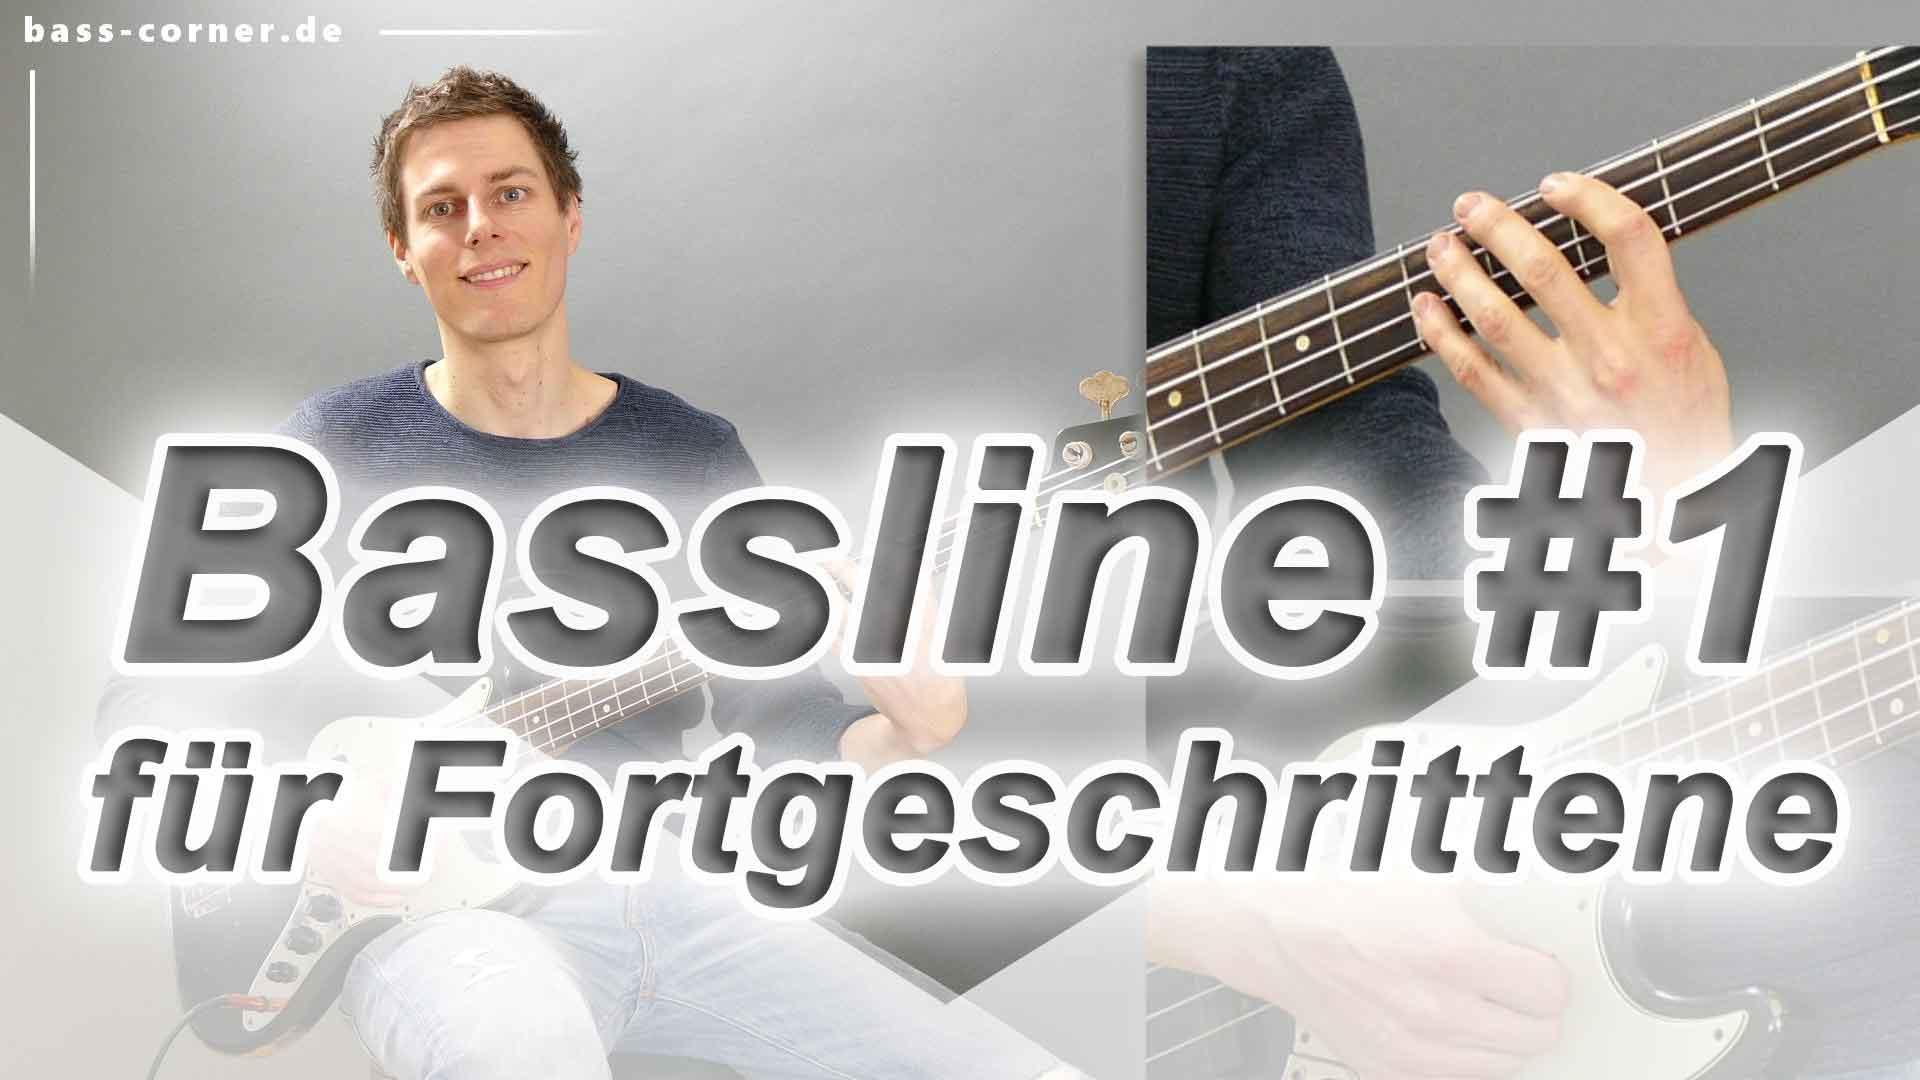 Hier sollte ein Bild stehen:Bassline 1 für Fortgeschrittene